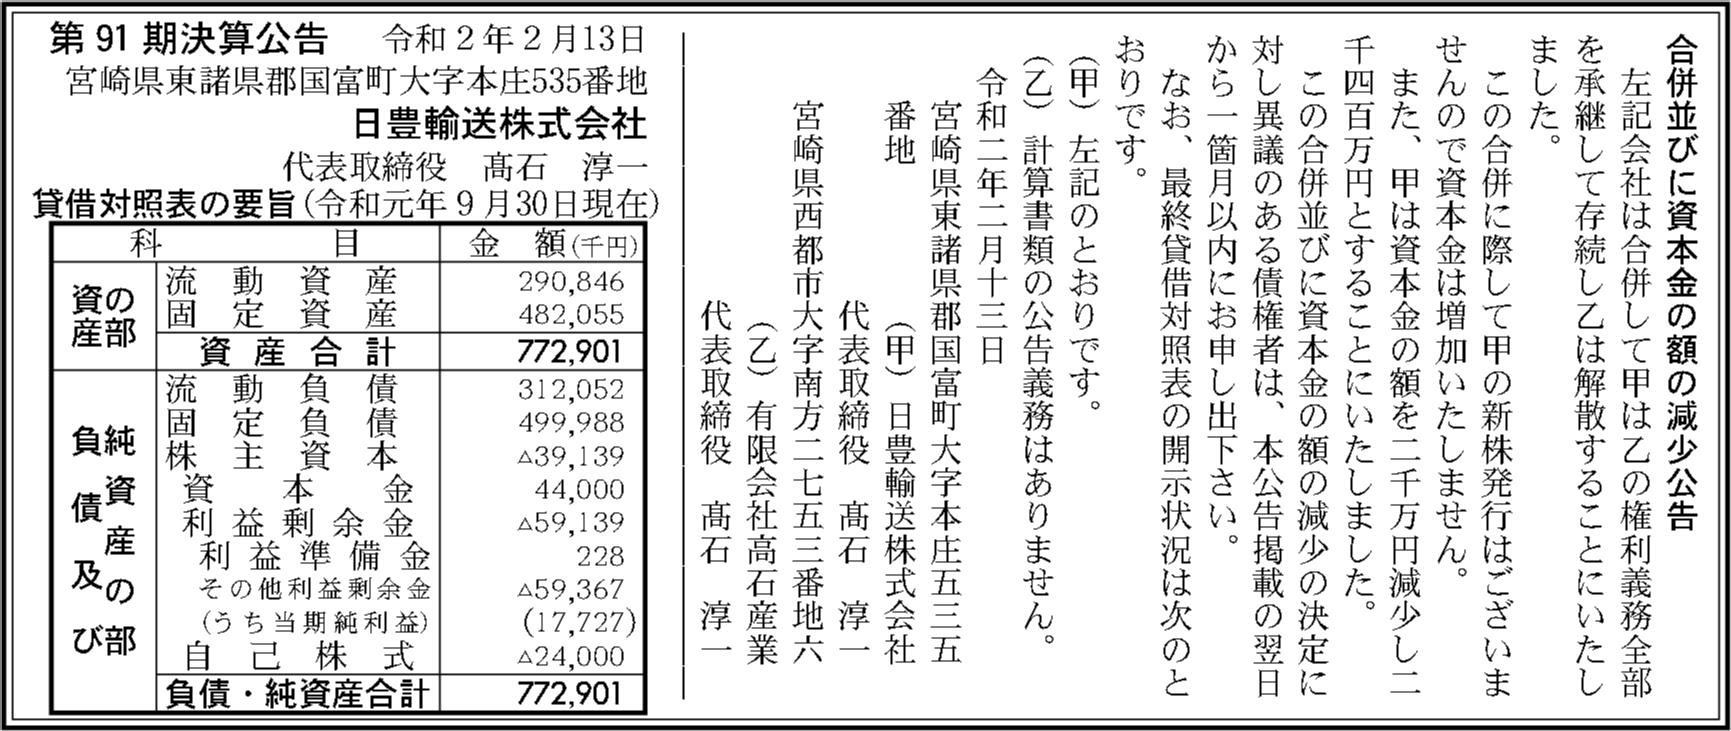 0094 77283ea3163f320651dfef51a09decd88f352a0327209198a19e470fc87e0d4dcc8834c85ce5966595a3a75f726c689a3eff3bdd28bf93329f4a6a5cd2995630 07